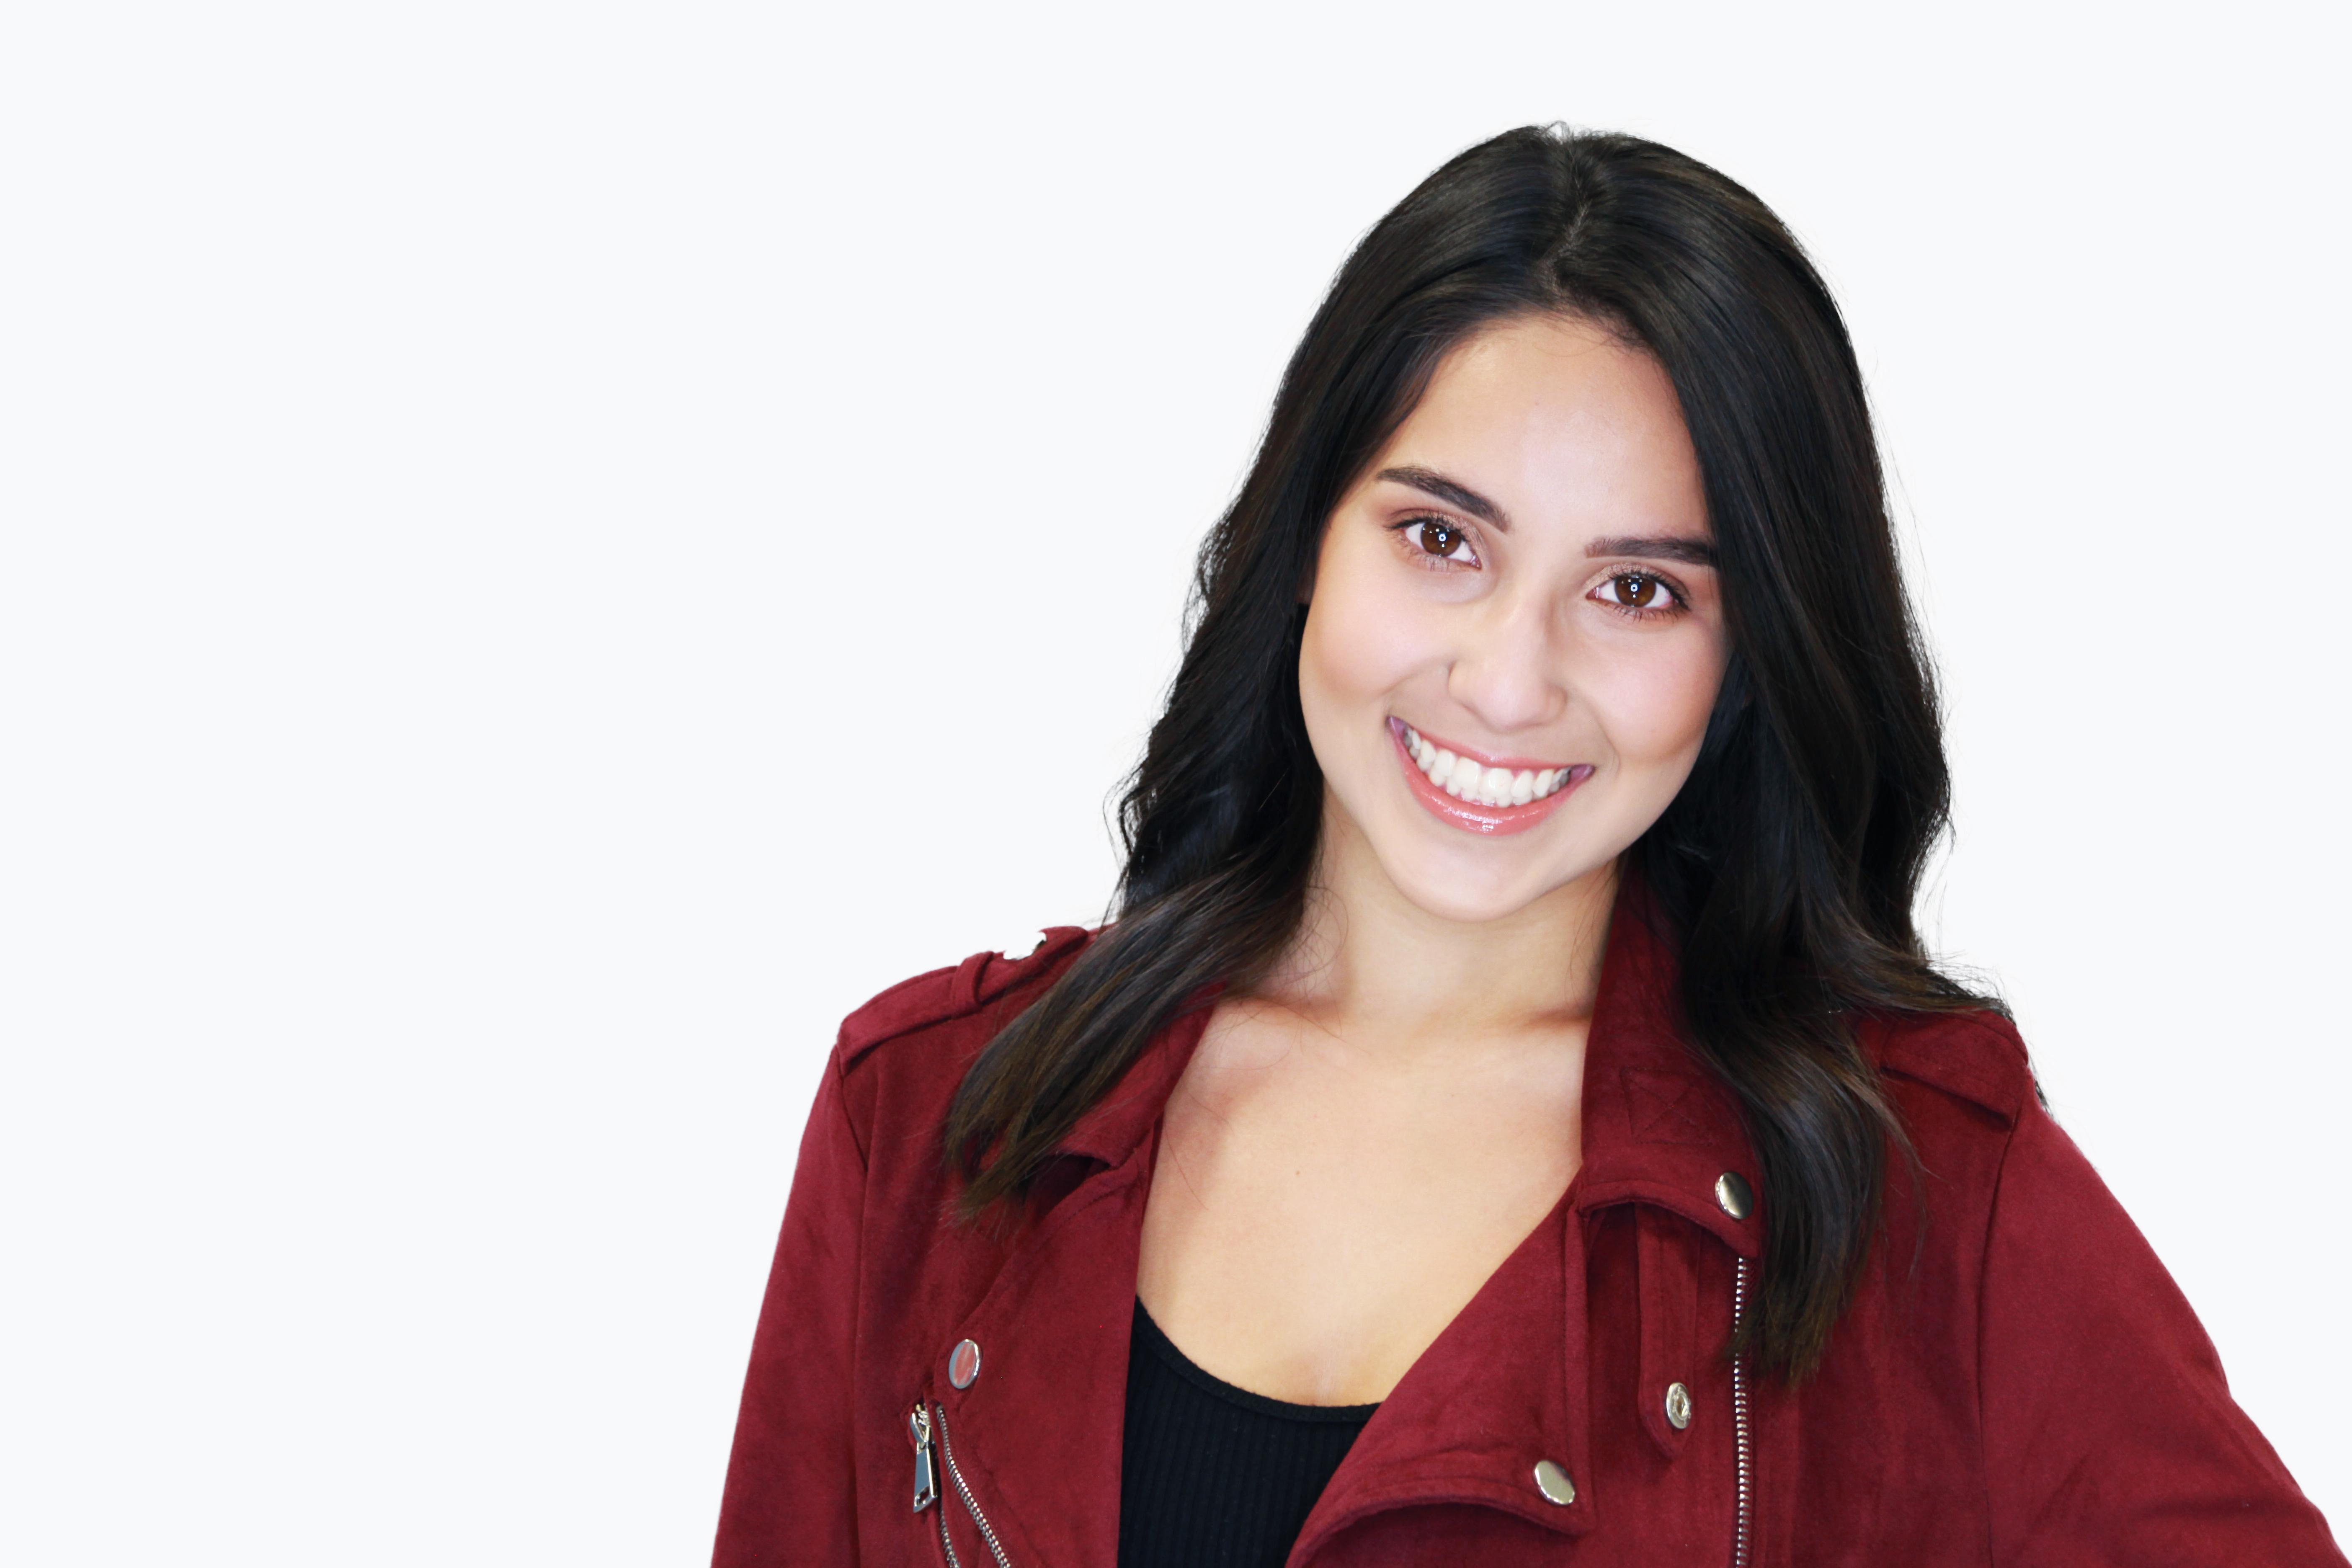 Alissa Garza